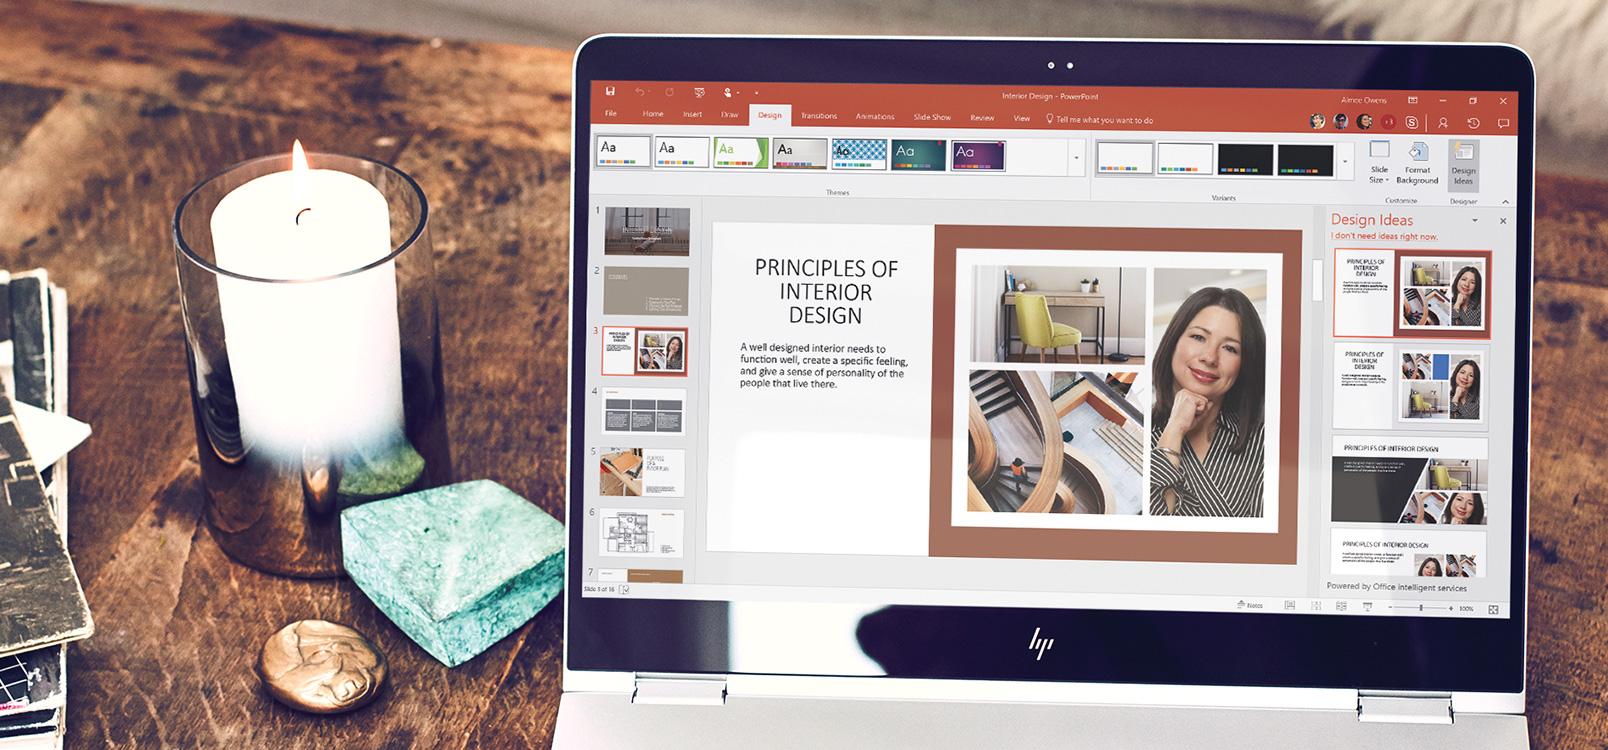 Pantalla de un portátil en la que se muestra un documento de PowerPoint en el que se está usando la característica Diseñador de PowerPoint